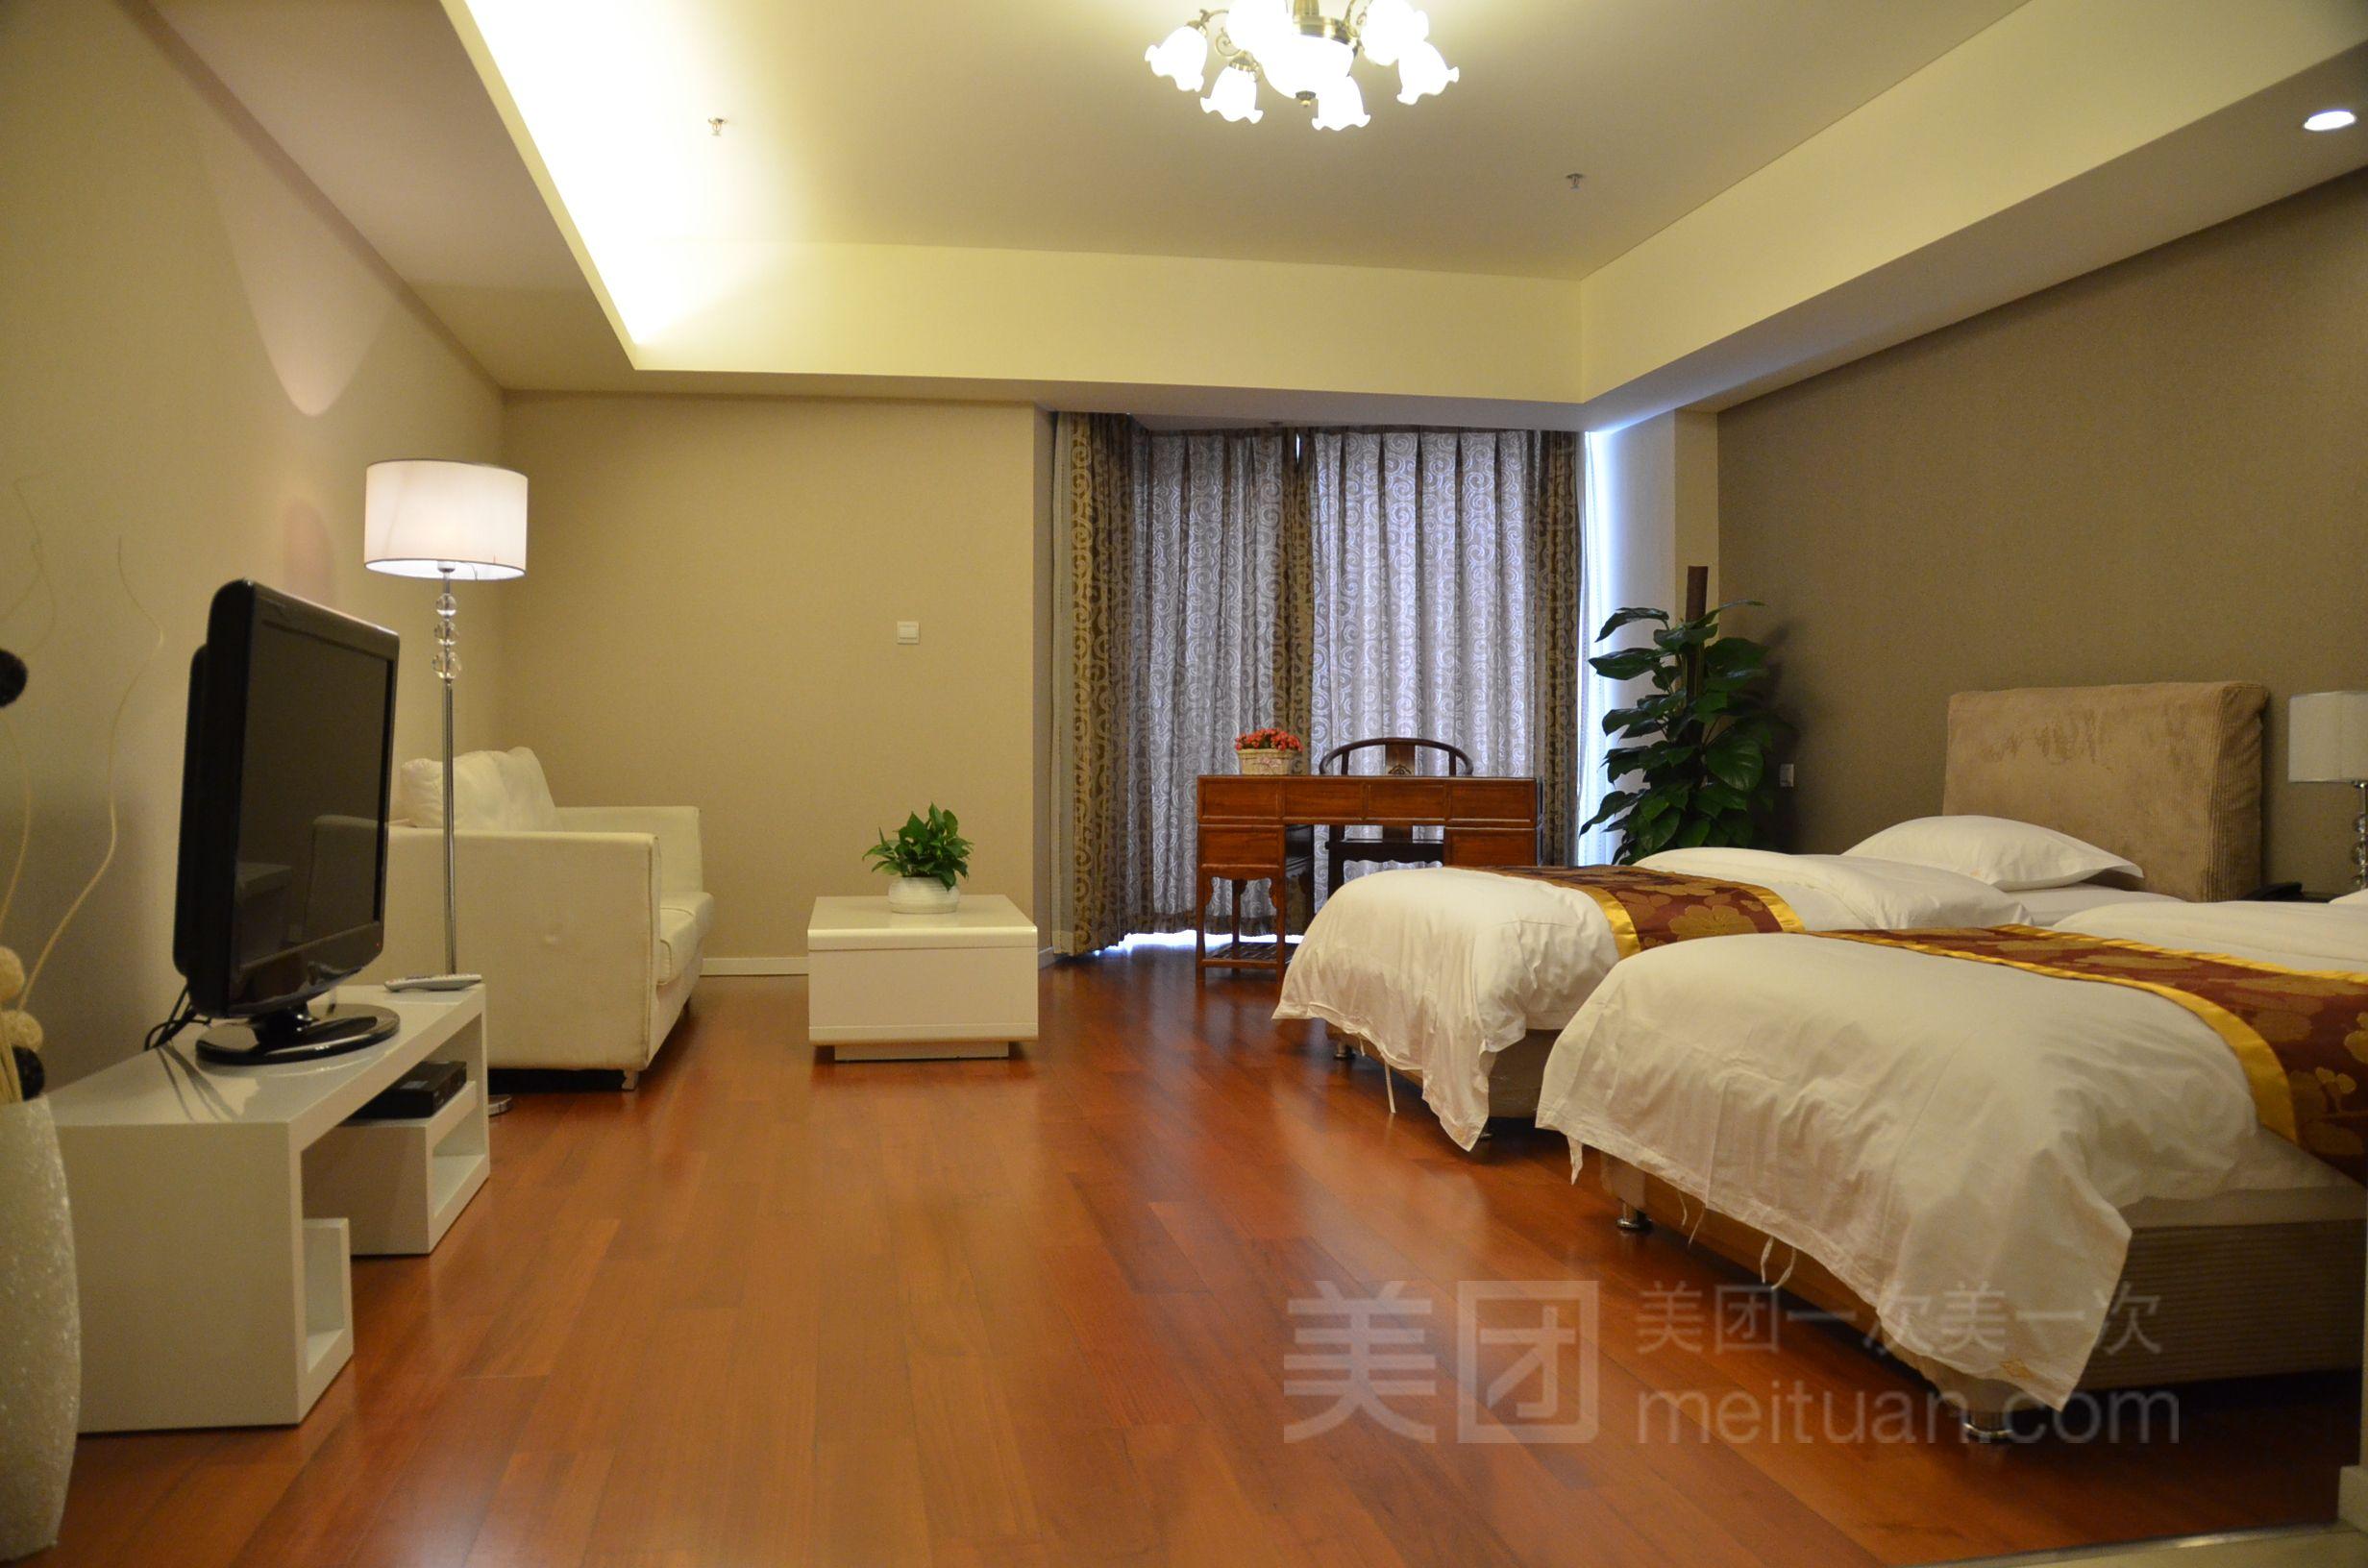 四季酒店式公寓(三元桥九都汇店)预订/团购